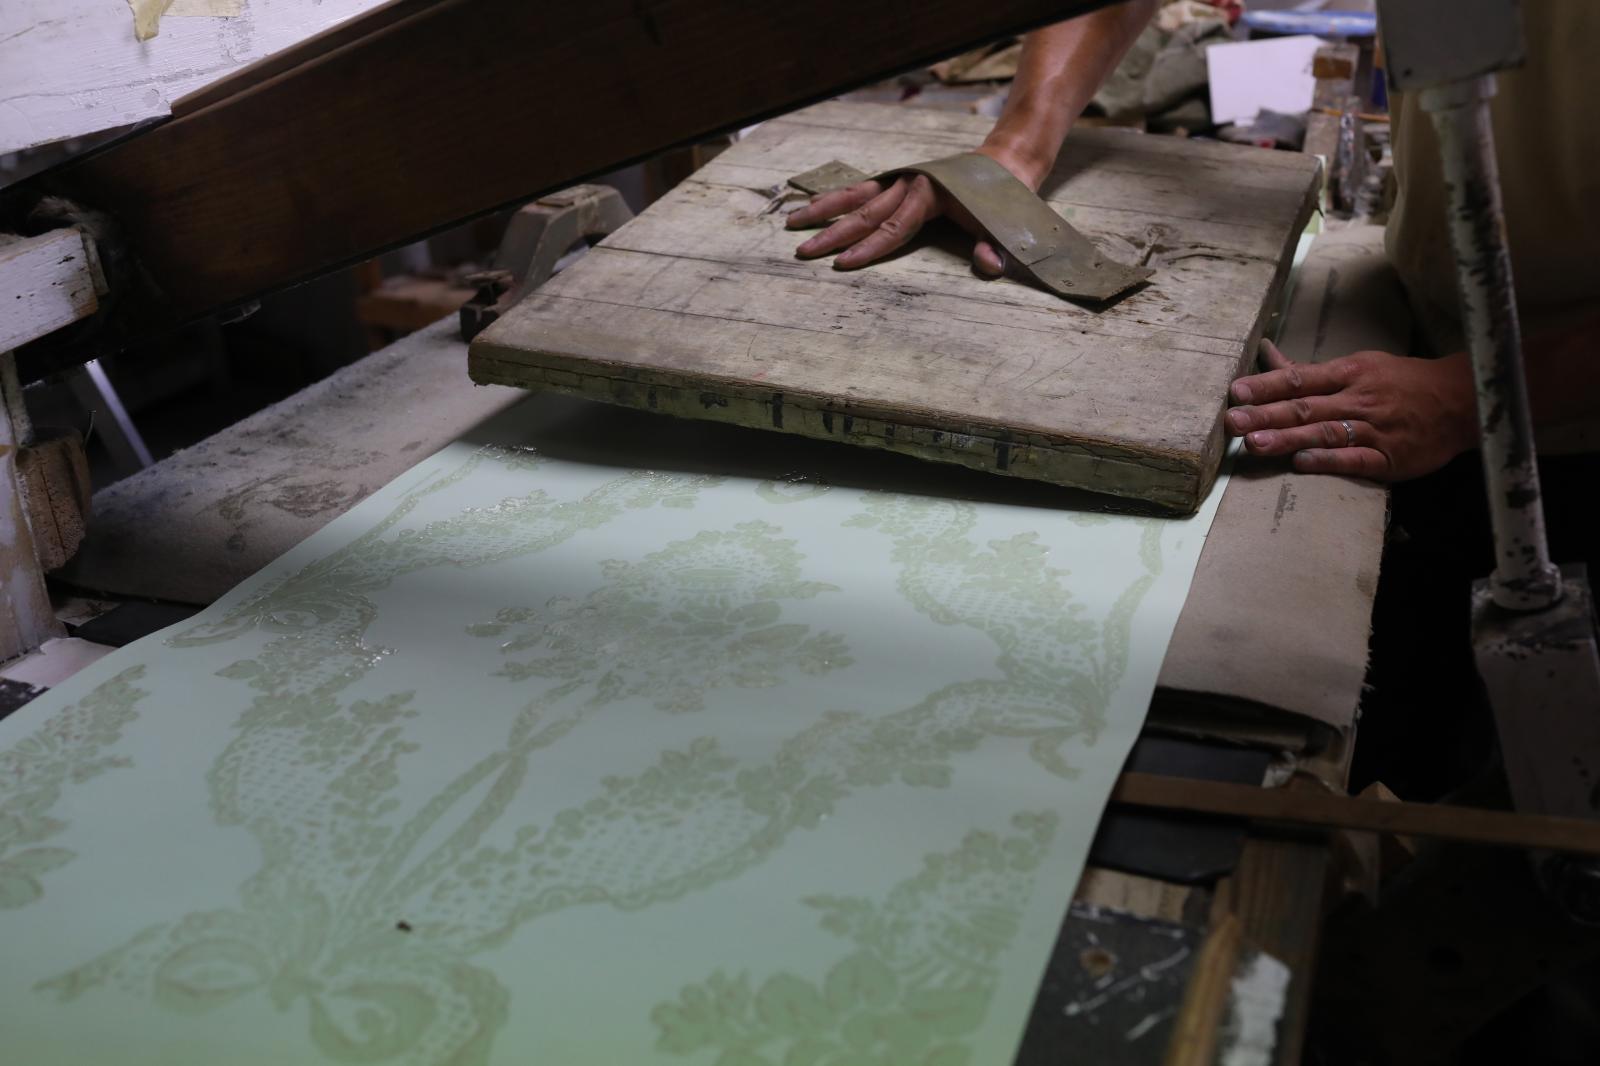 Si la manufacture est connue pour ses panoramiques, elle a créé 130000motifs décoratifsqui peuvent être traités en couleur ou en camaïeu, en fonctio